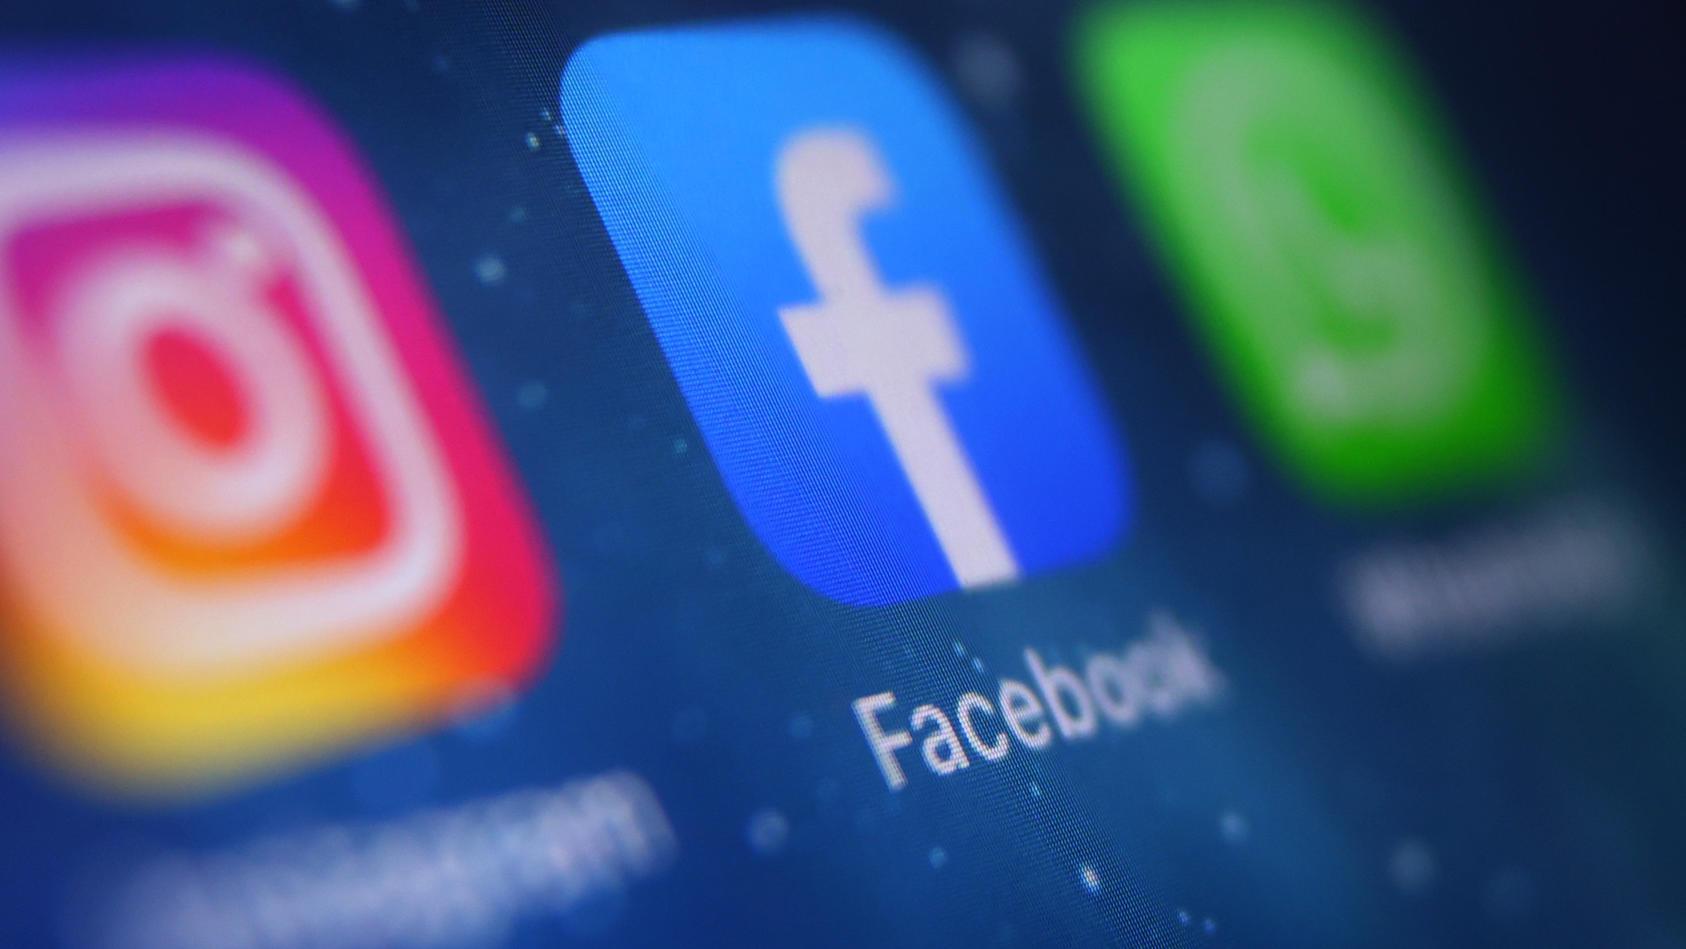 seit-dienstag-verbreiten-sich-falschmeldungen-auf-facebook